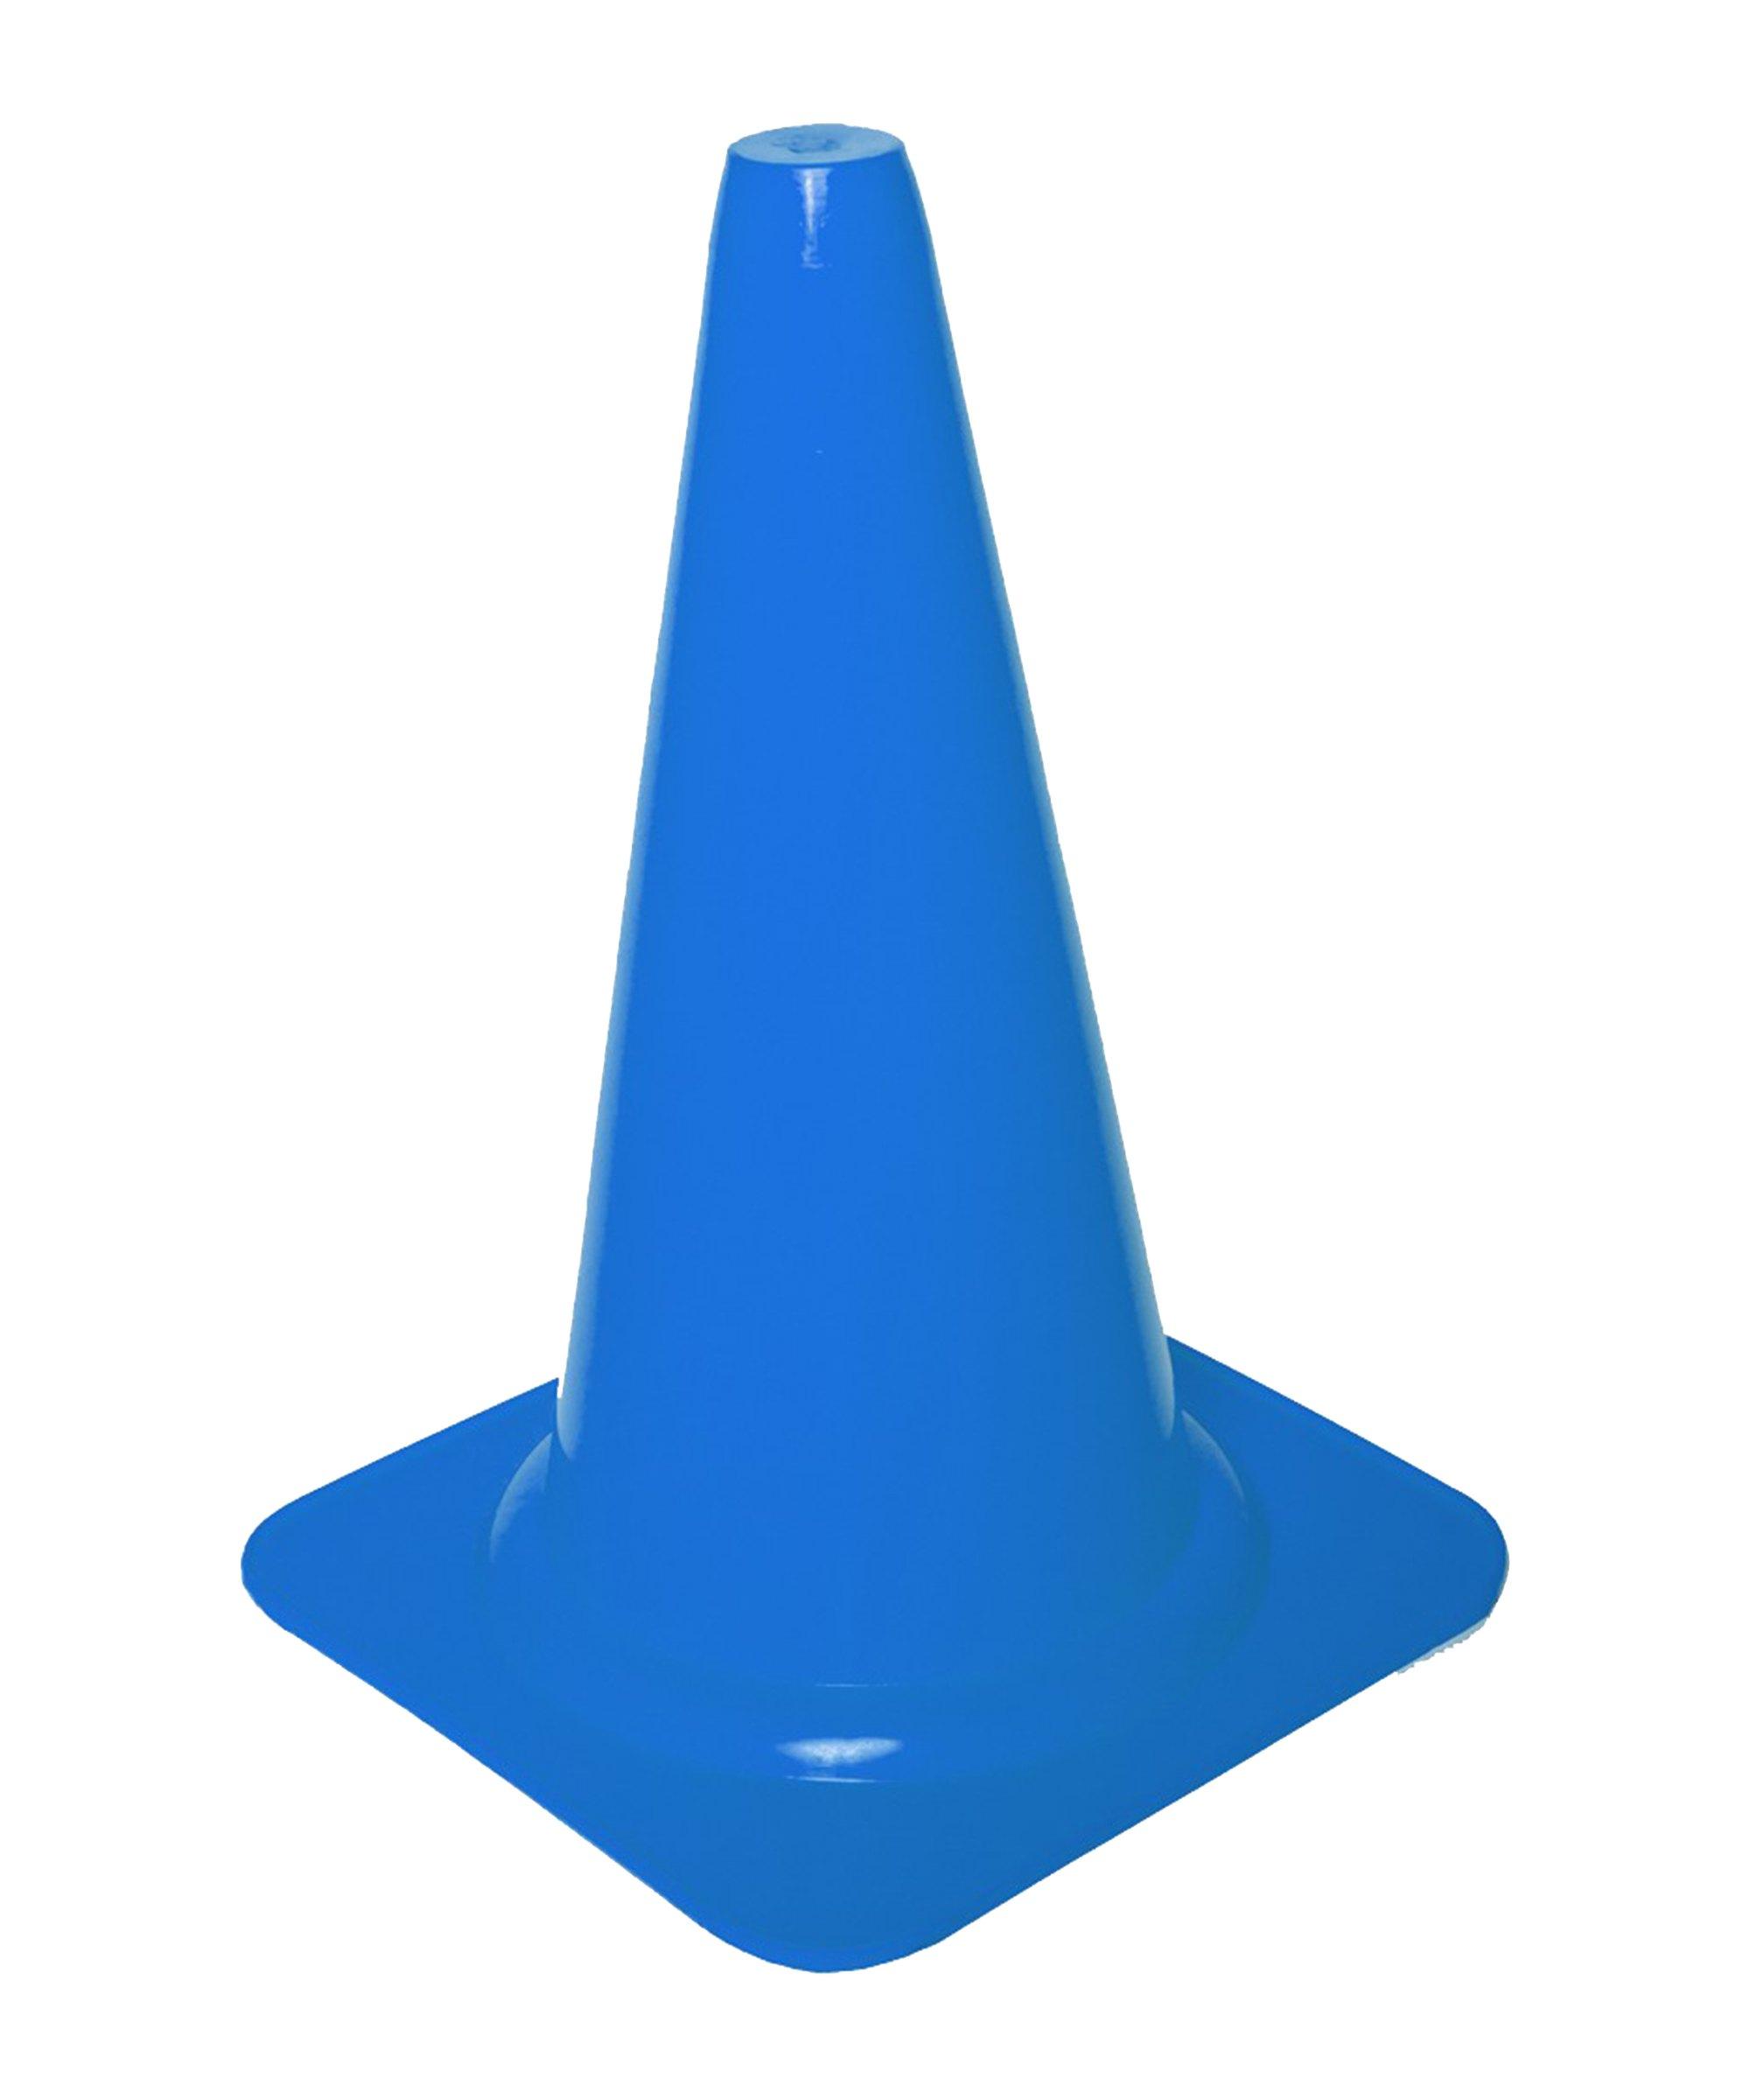 Cawila Markierungskegel S 23cm Blau - blau